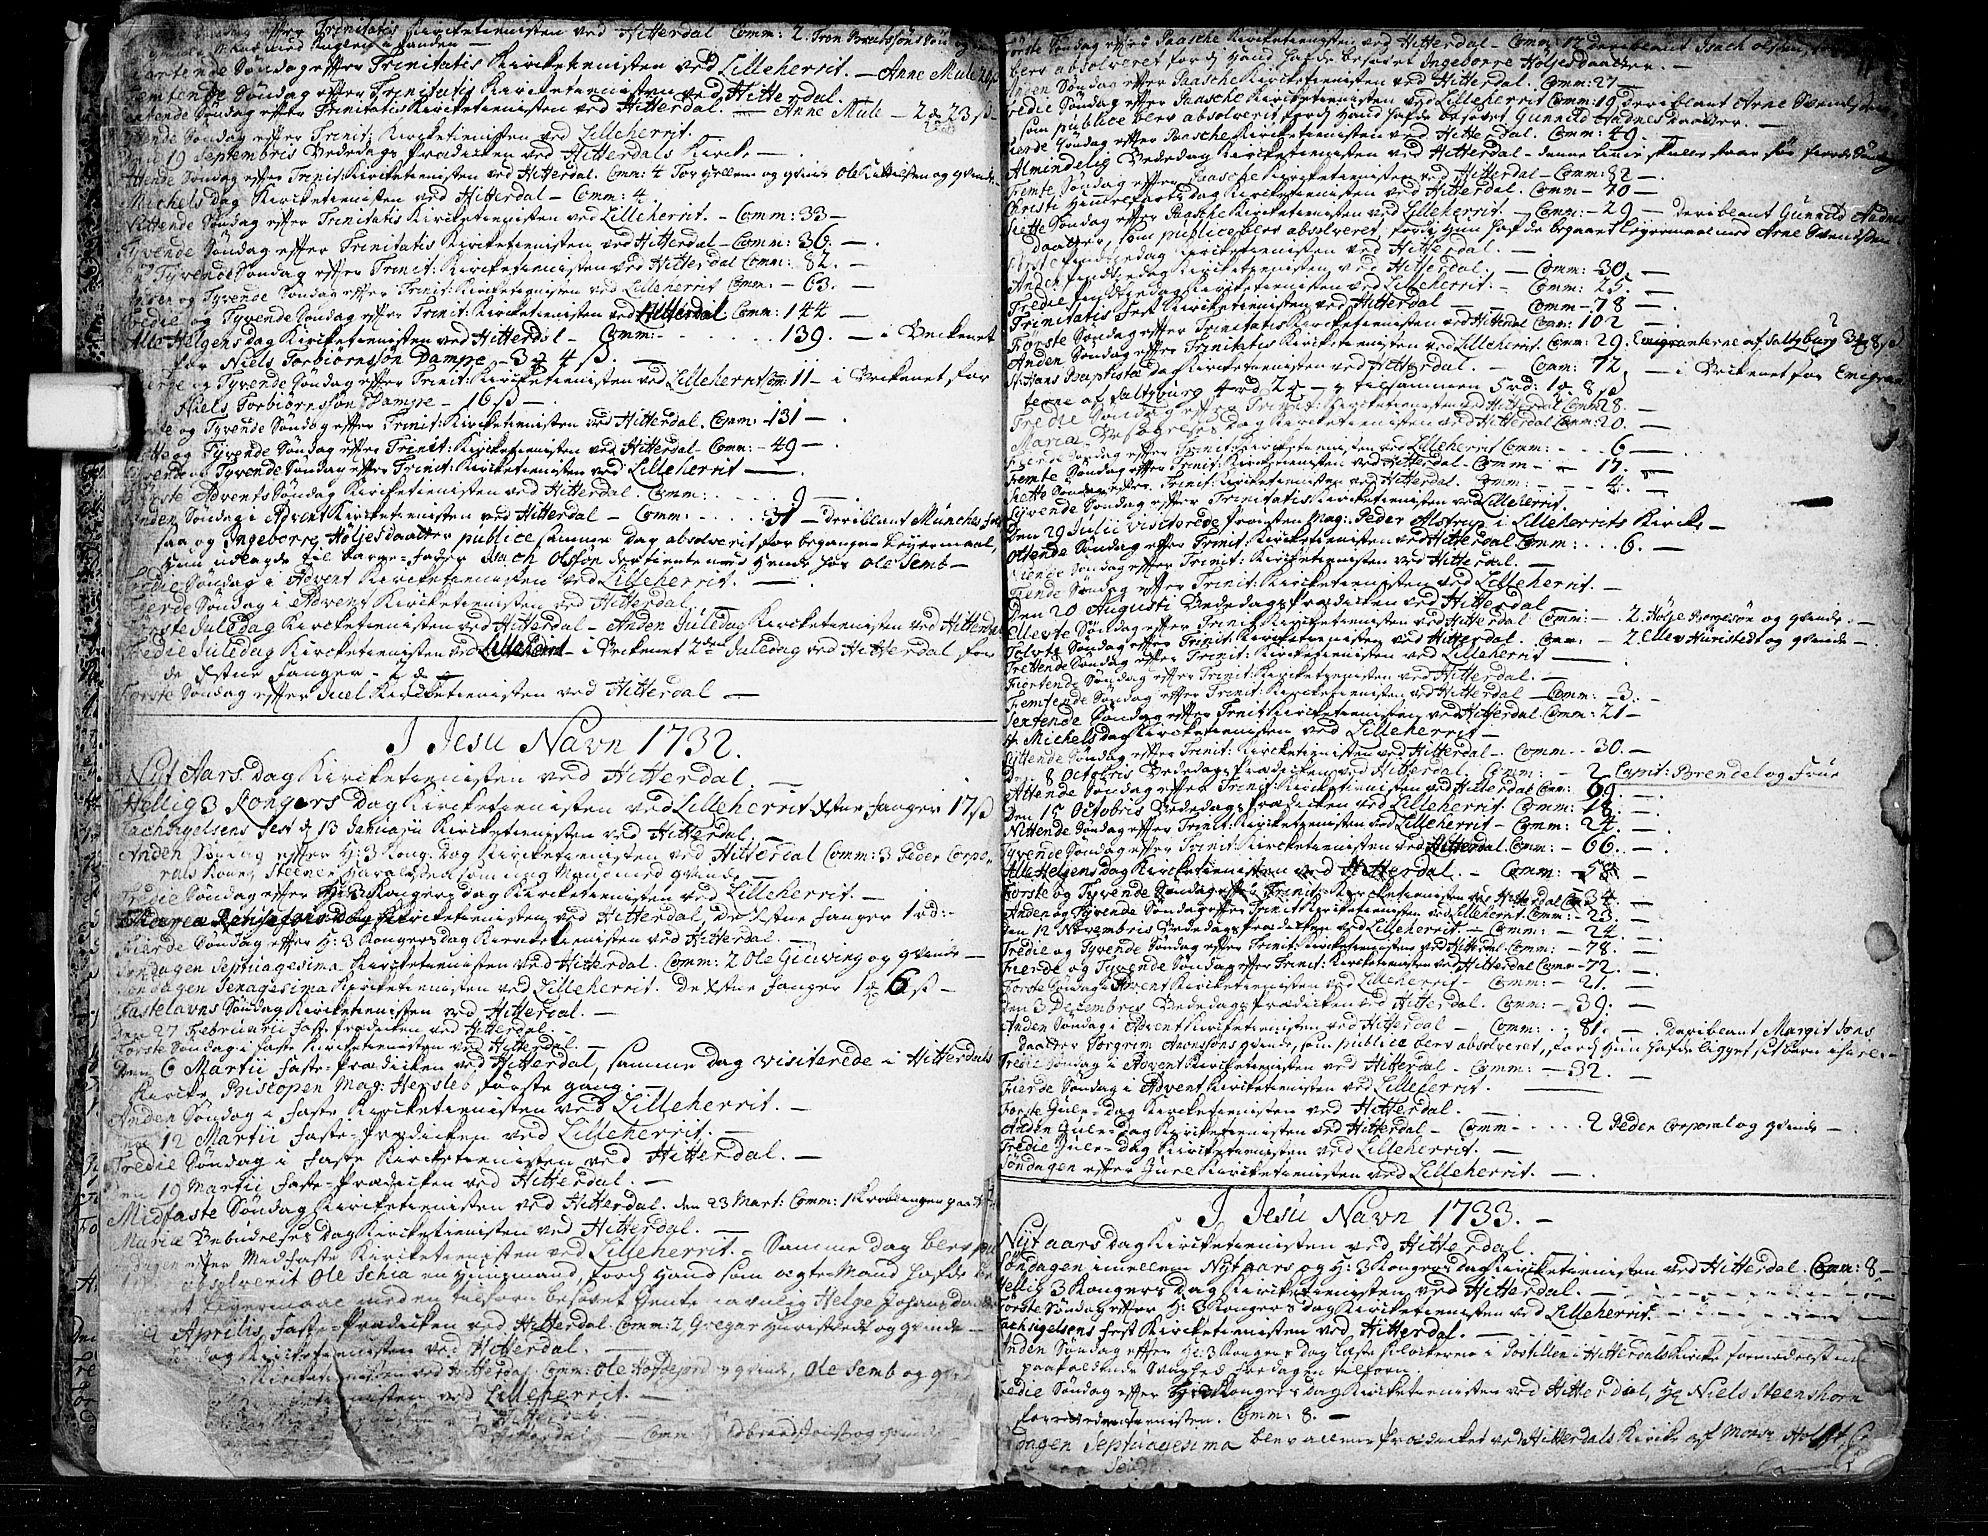 SAKO, Heddal kirkebøker, F/Fa/L0003: Ministerialbok nr. I 3, 1723-1783, s. 11